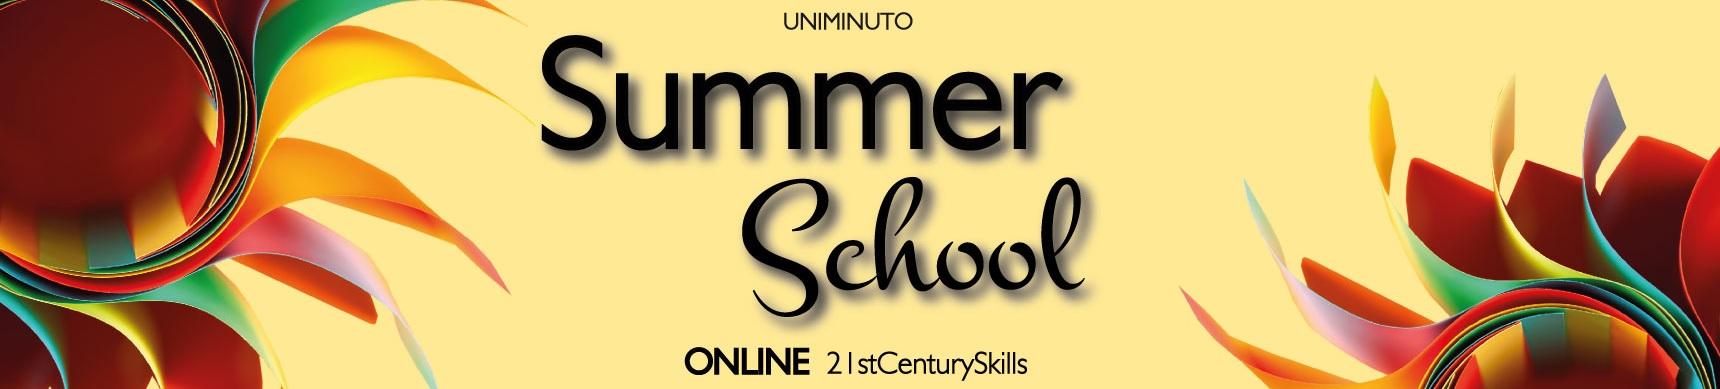 Universidad colombiana invita a Online Summer School